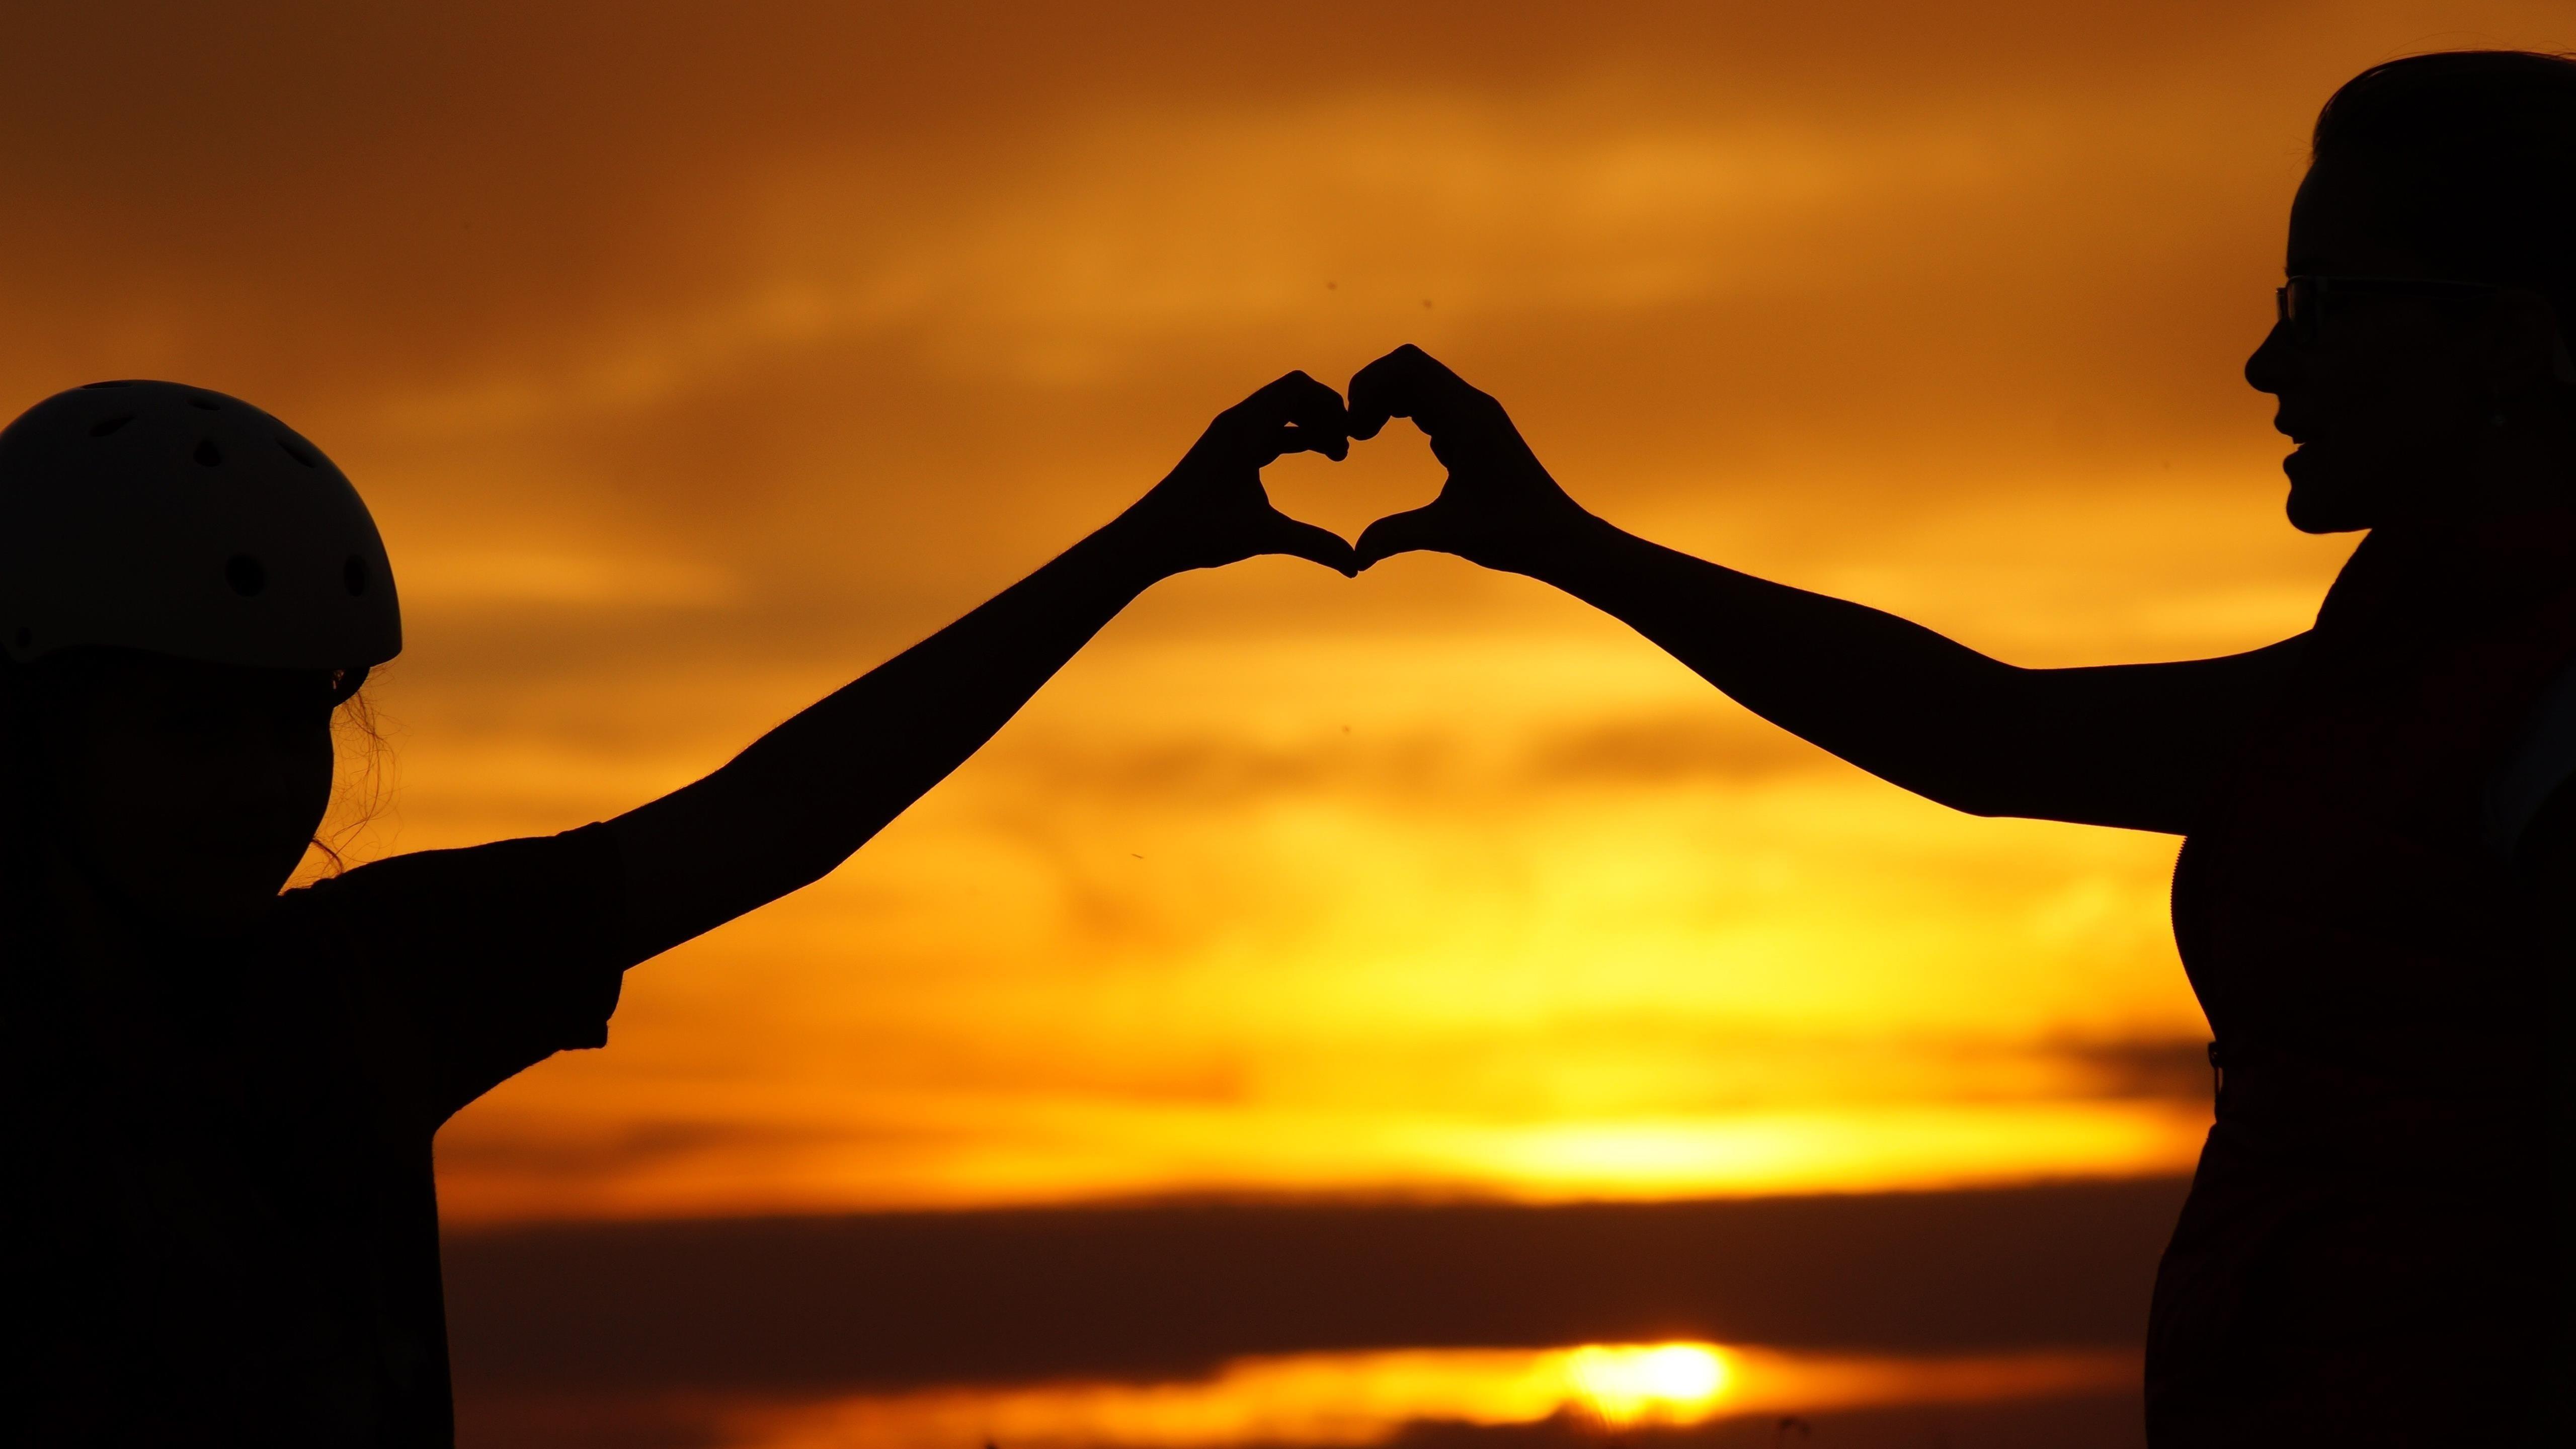 Любовь сердце с парой рук силуэт обои скачать